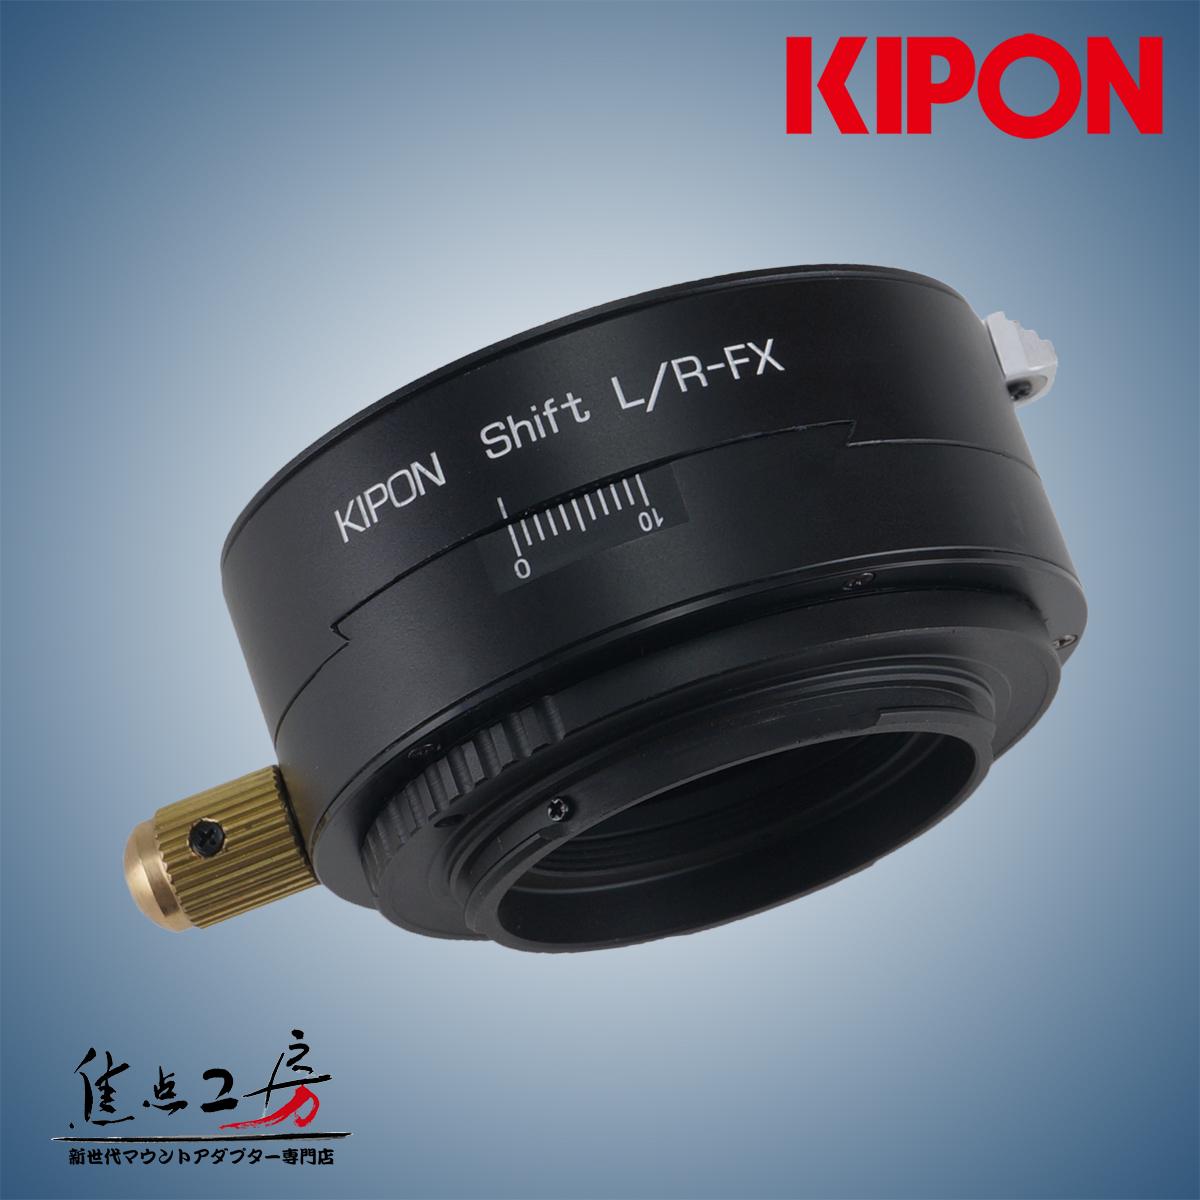 マウントアダプター KIPON SHIFT L/R-FX ライカRマウントレンズ - 富士フィルムXマウントカメラ アオリ(シフト)機構搭載